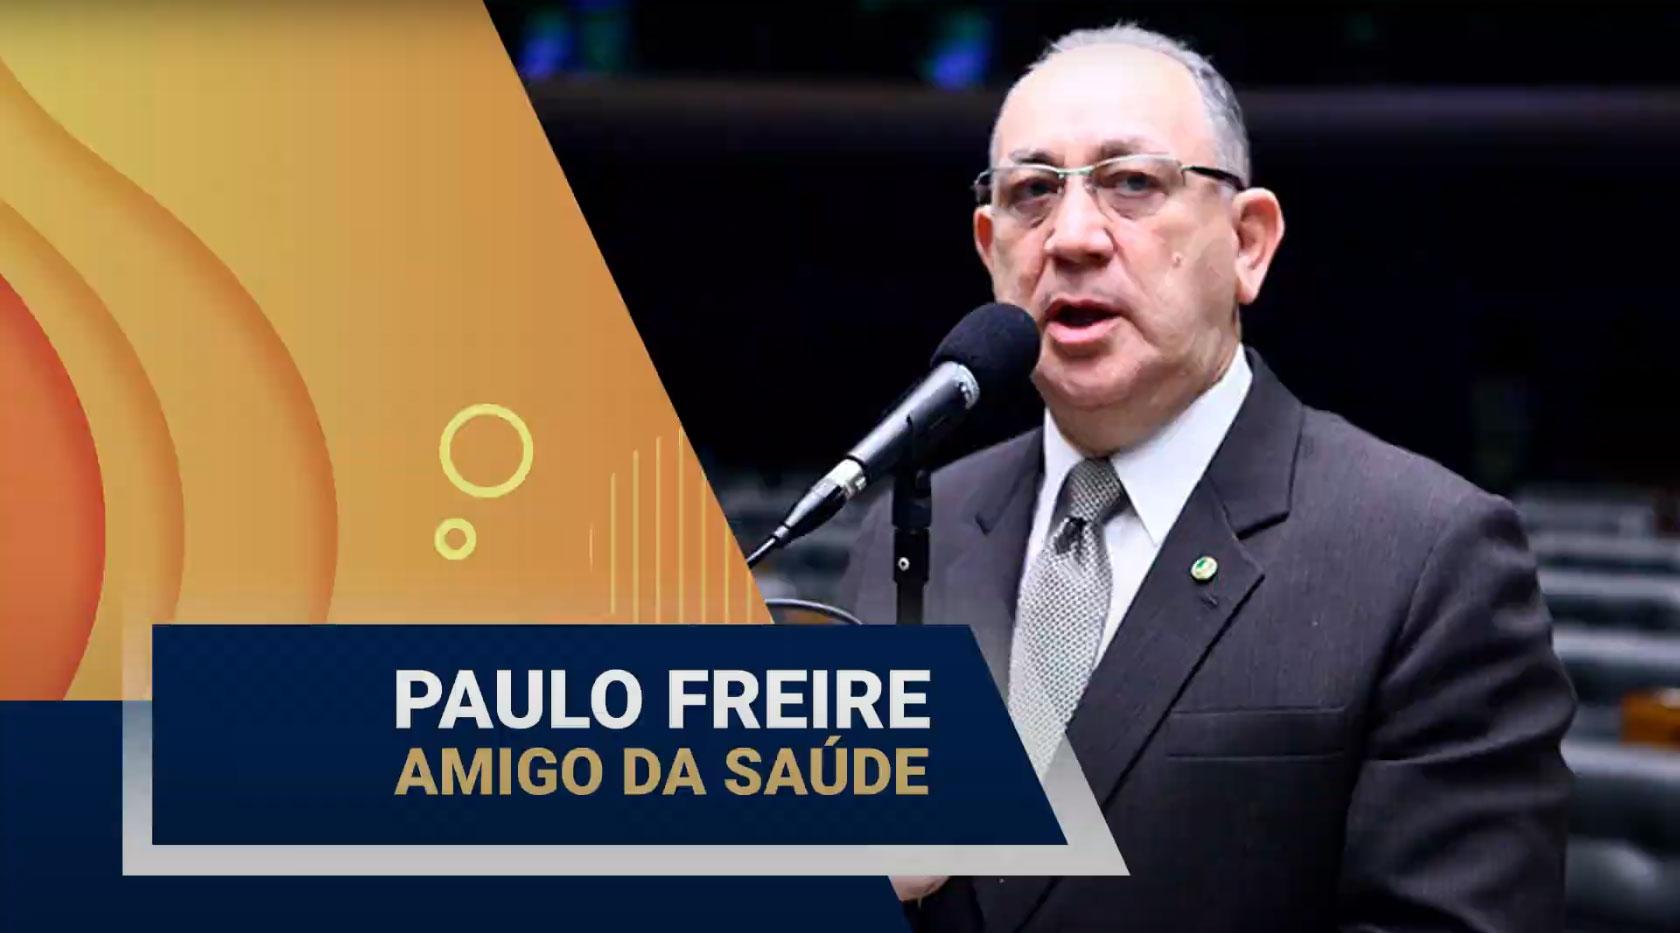 deputado-federal-paulo-freire-e-amigo-da-saude - Acao Comunicativa